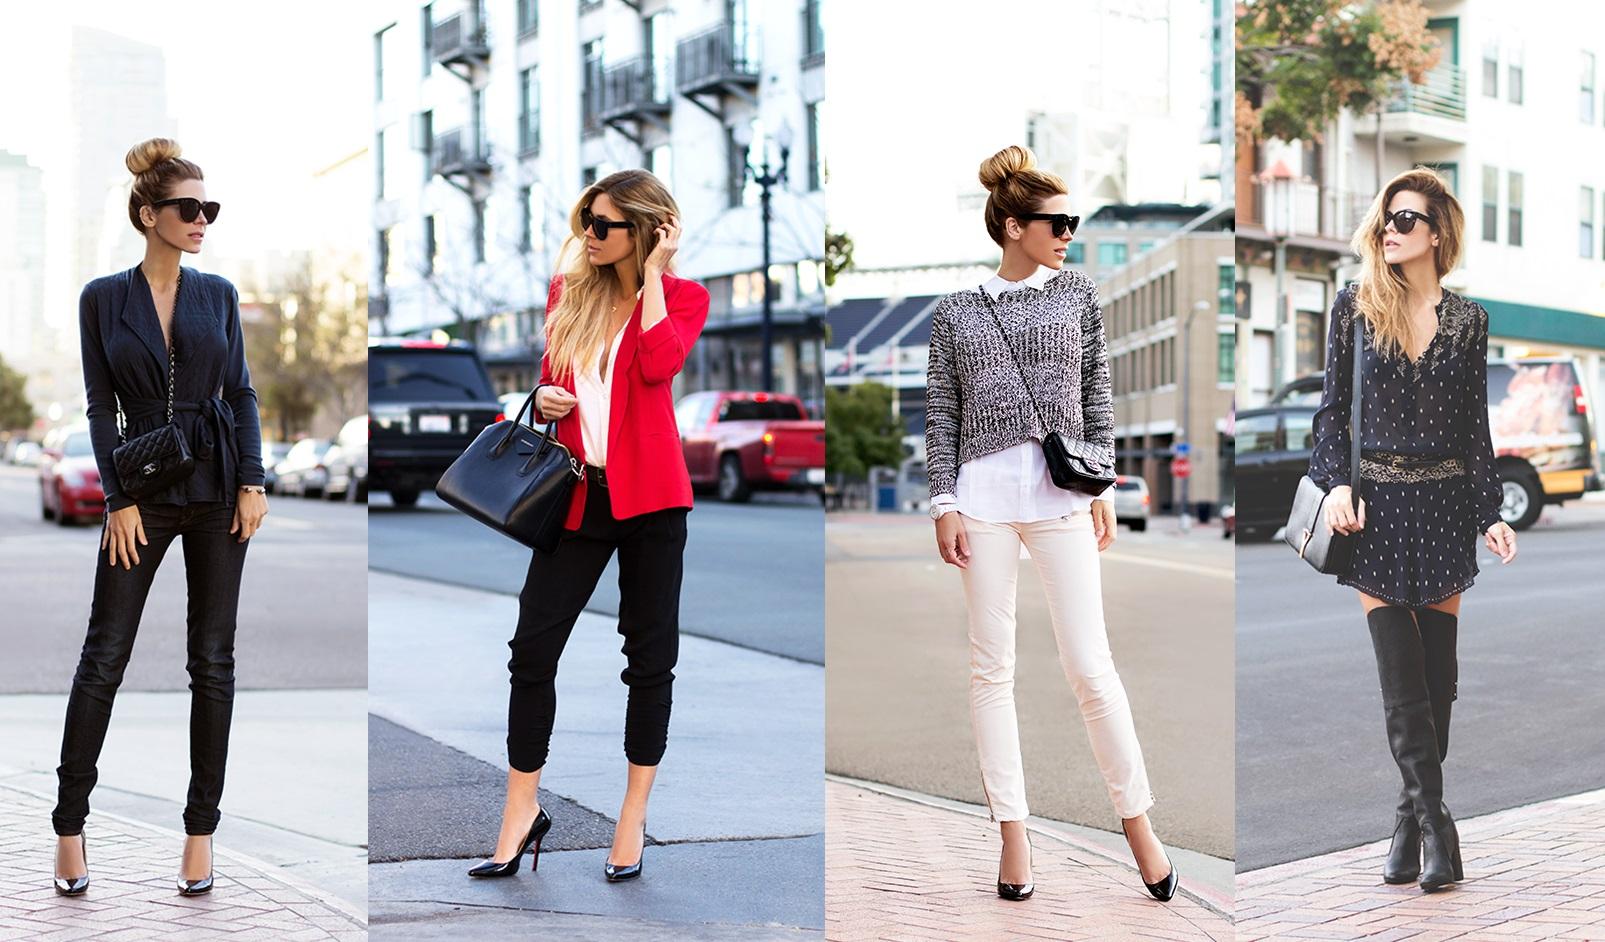 1-sakate-da-stanete-uspeshna-modna-blogerka-sledete-gi-ovie-pravila-www.kafepauza.mk_